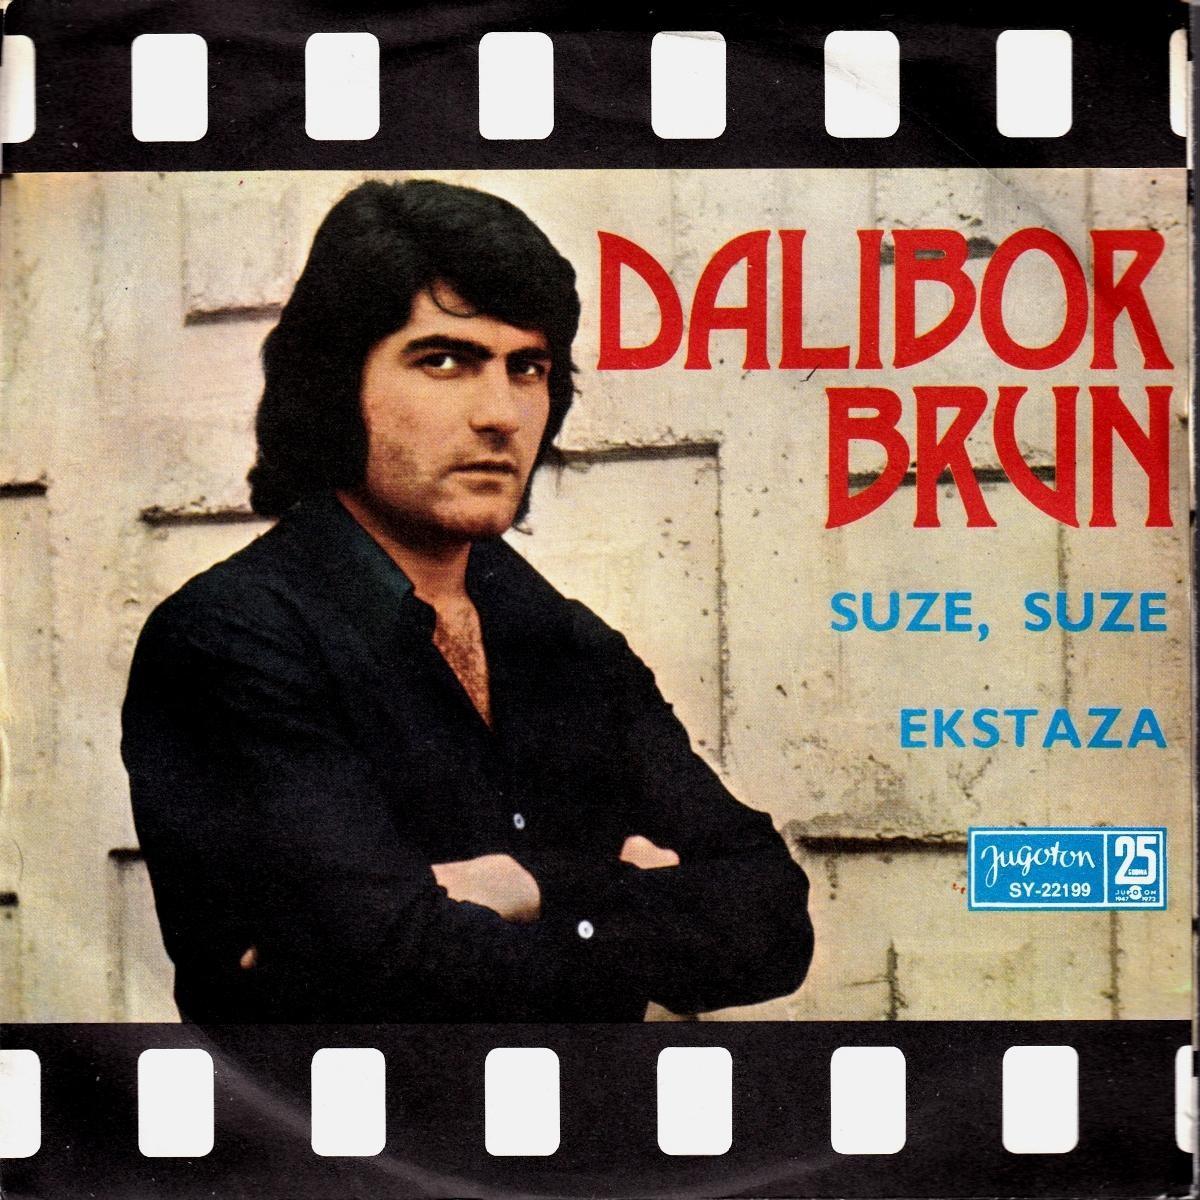 Brun Dalibor - Suze Suze/ekstaza